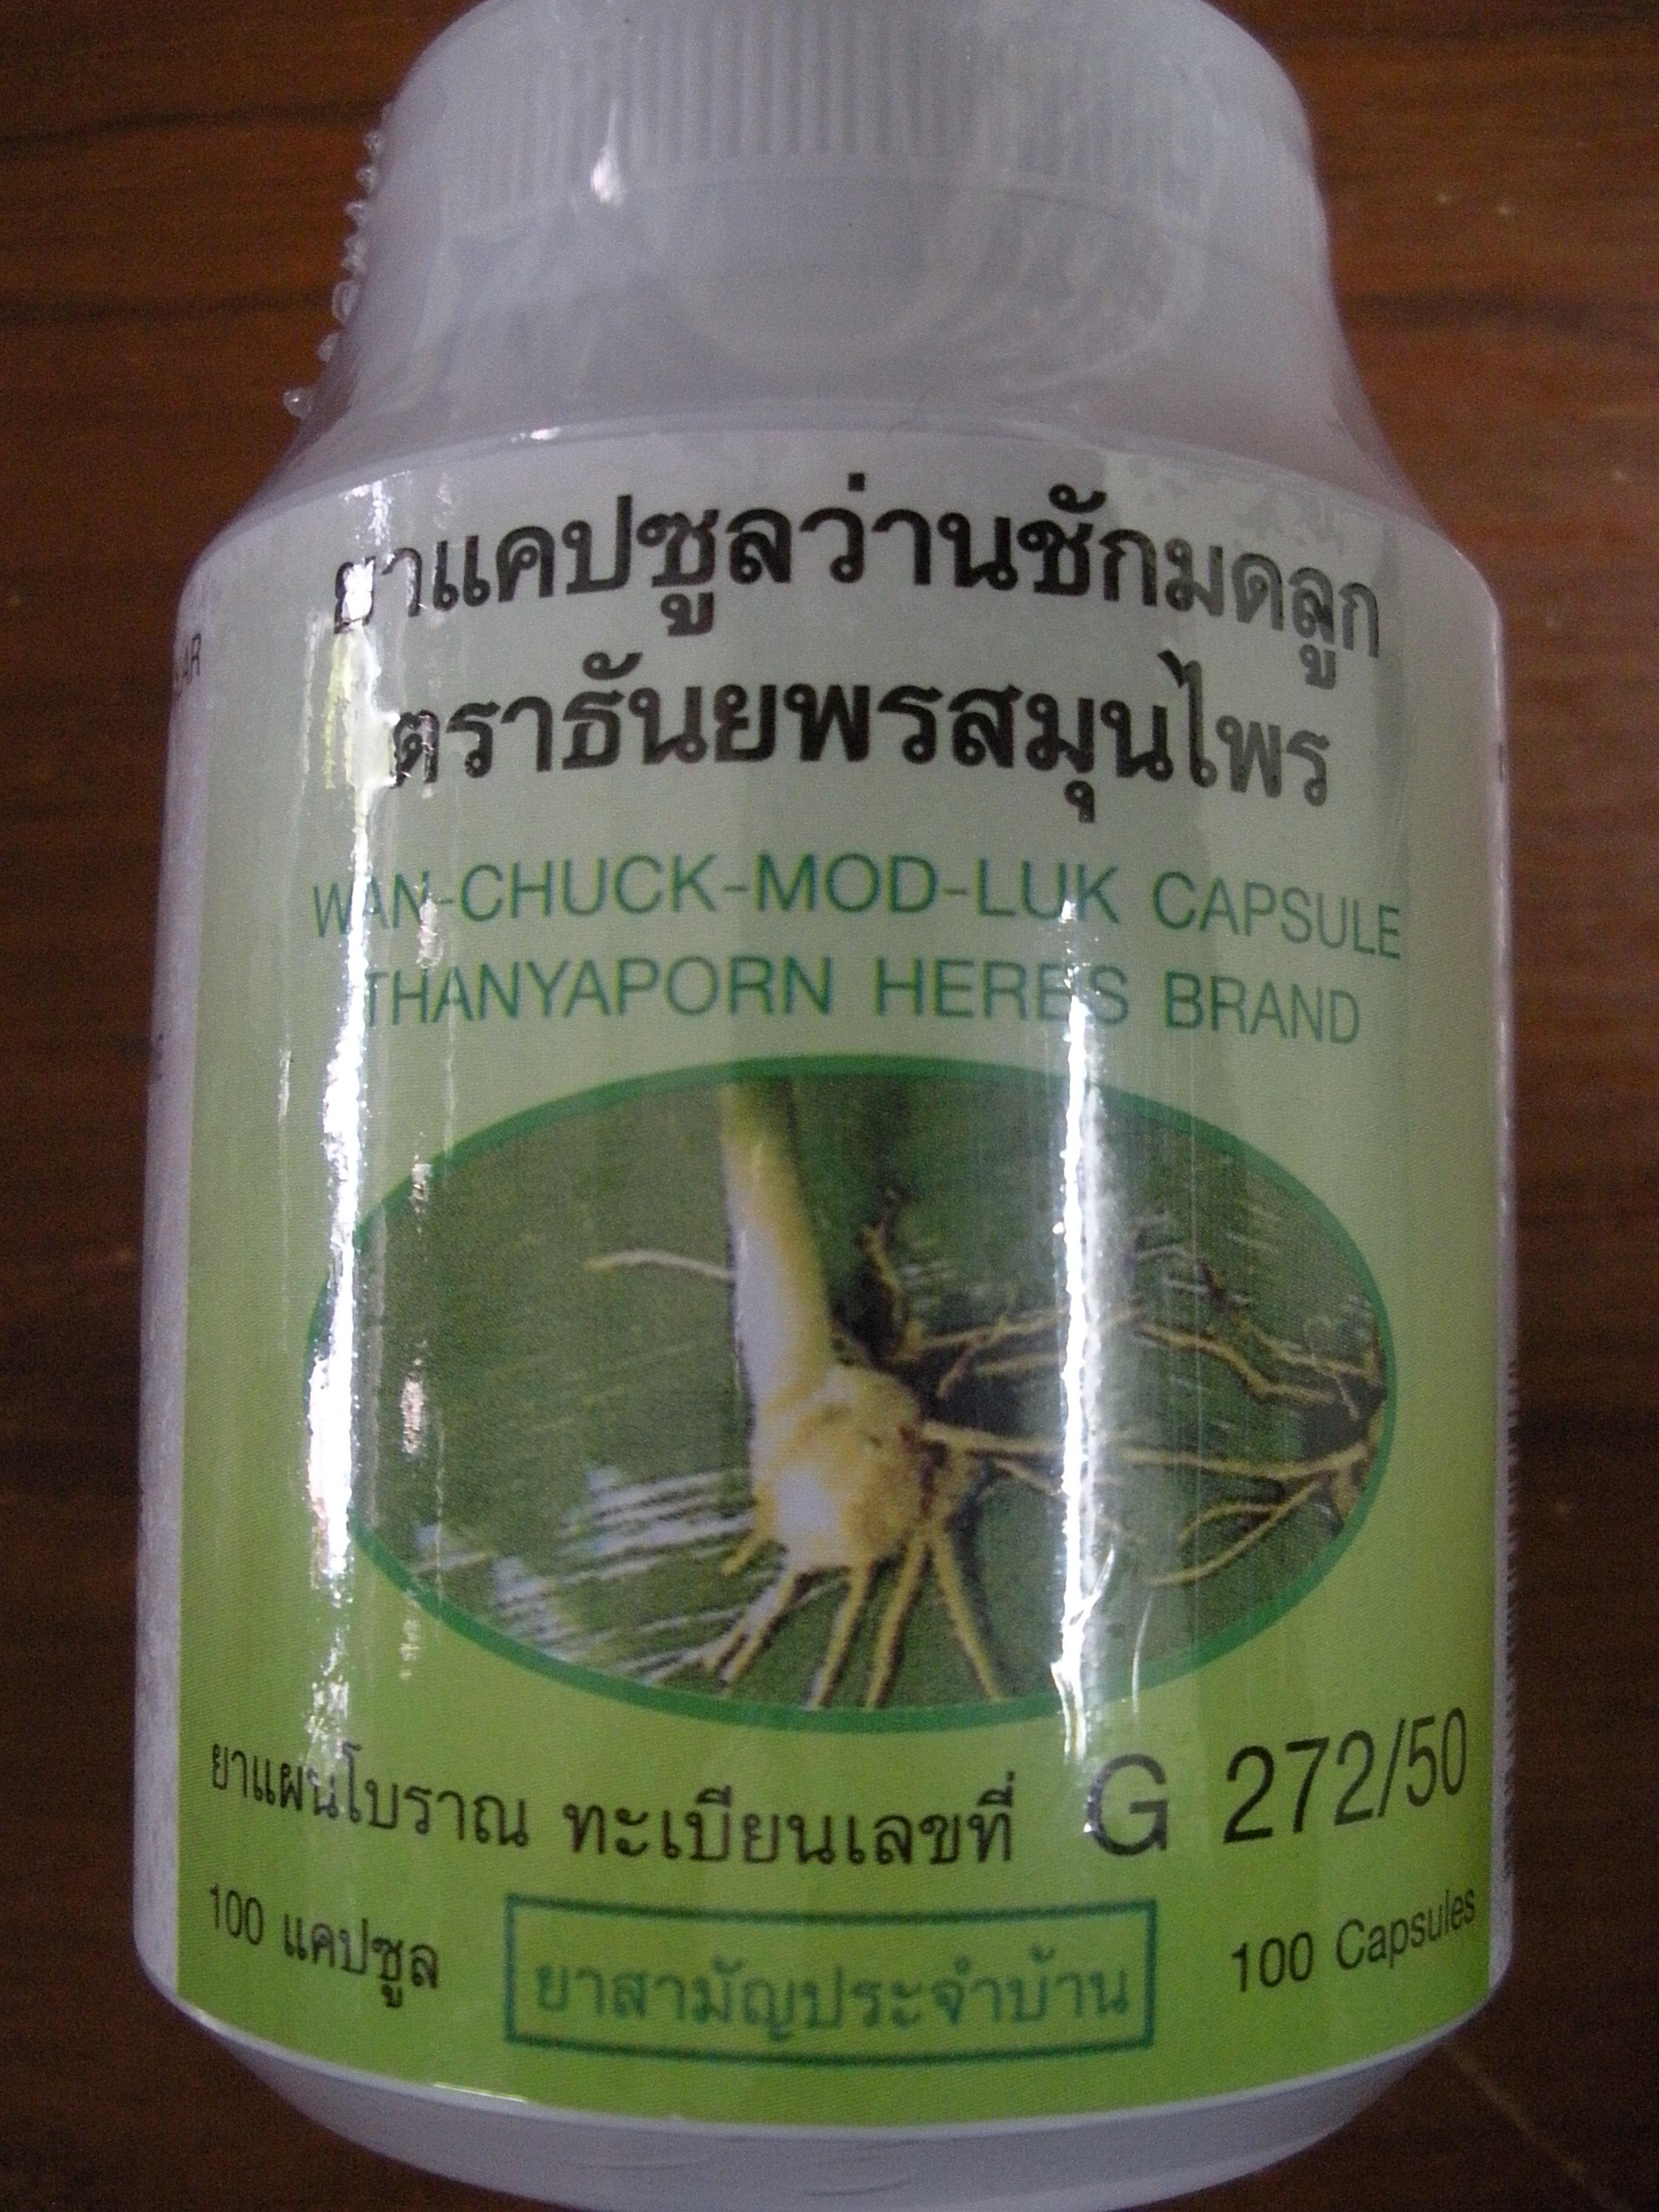 ว่านชักมดลูก แคปซูล ธันยพร (Wan chak mot luk capsules)